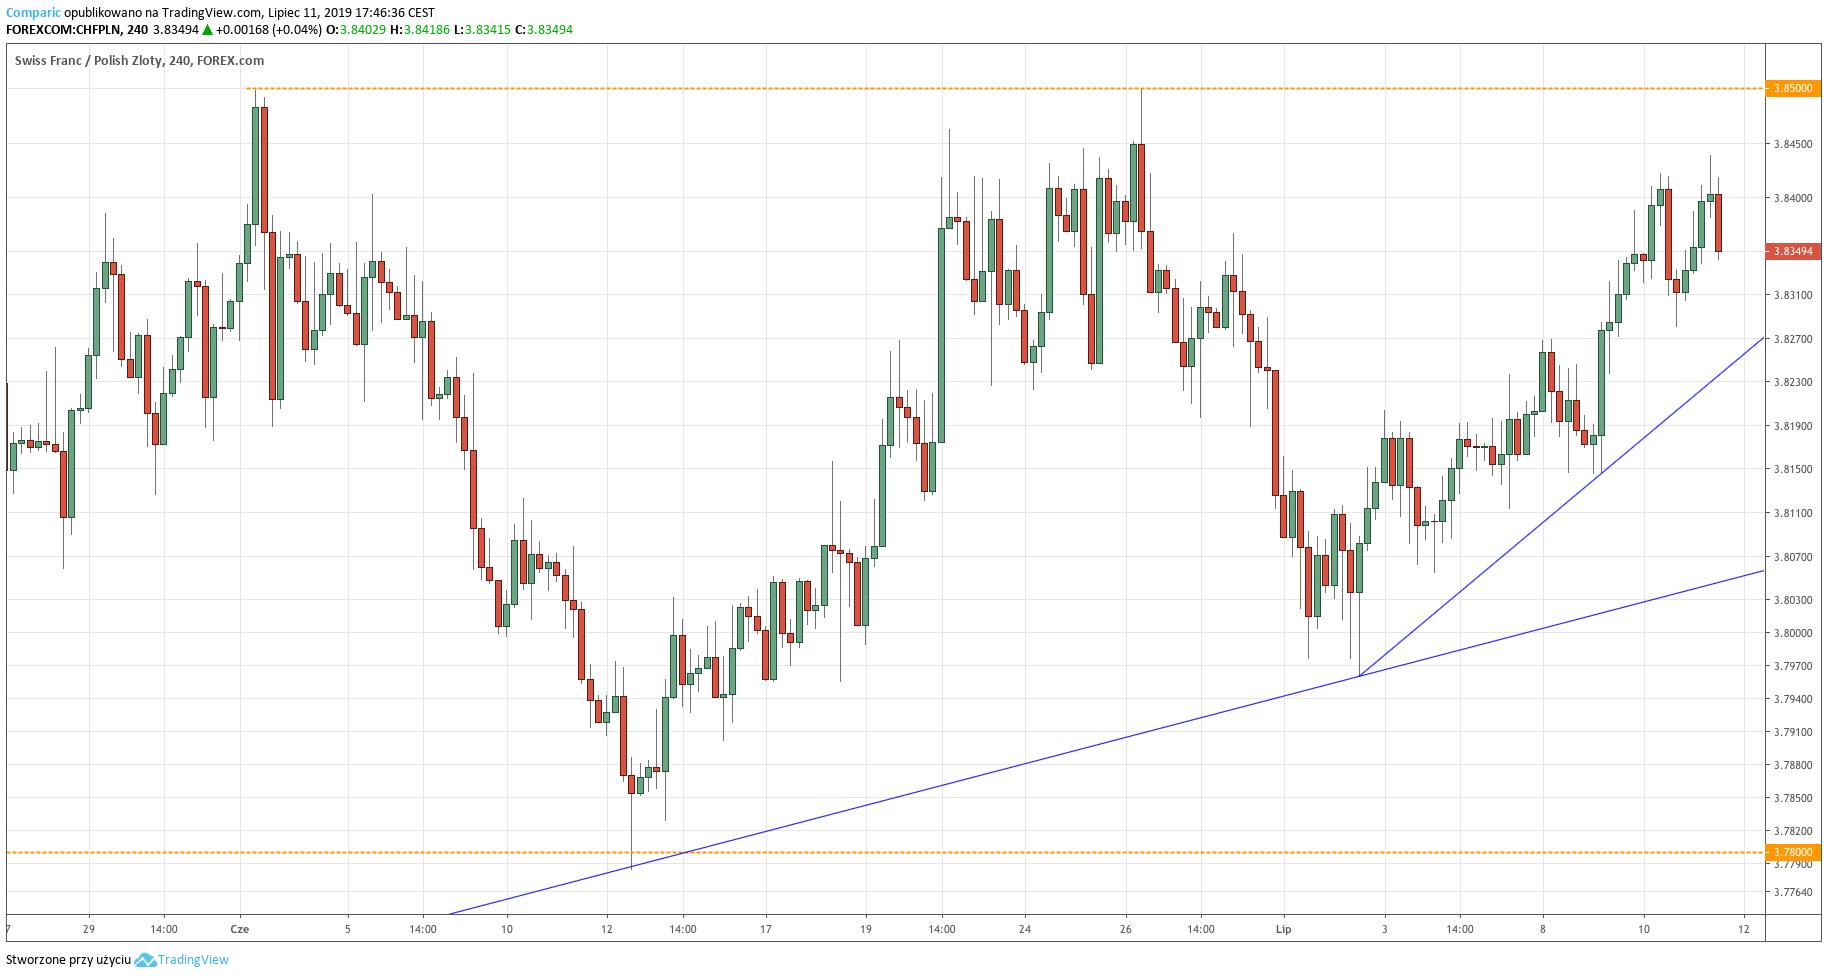 Kurs franka do złotego (CHF/PLN) - wykres 4-godzinny - 11 lipca 2019